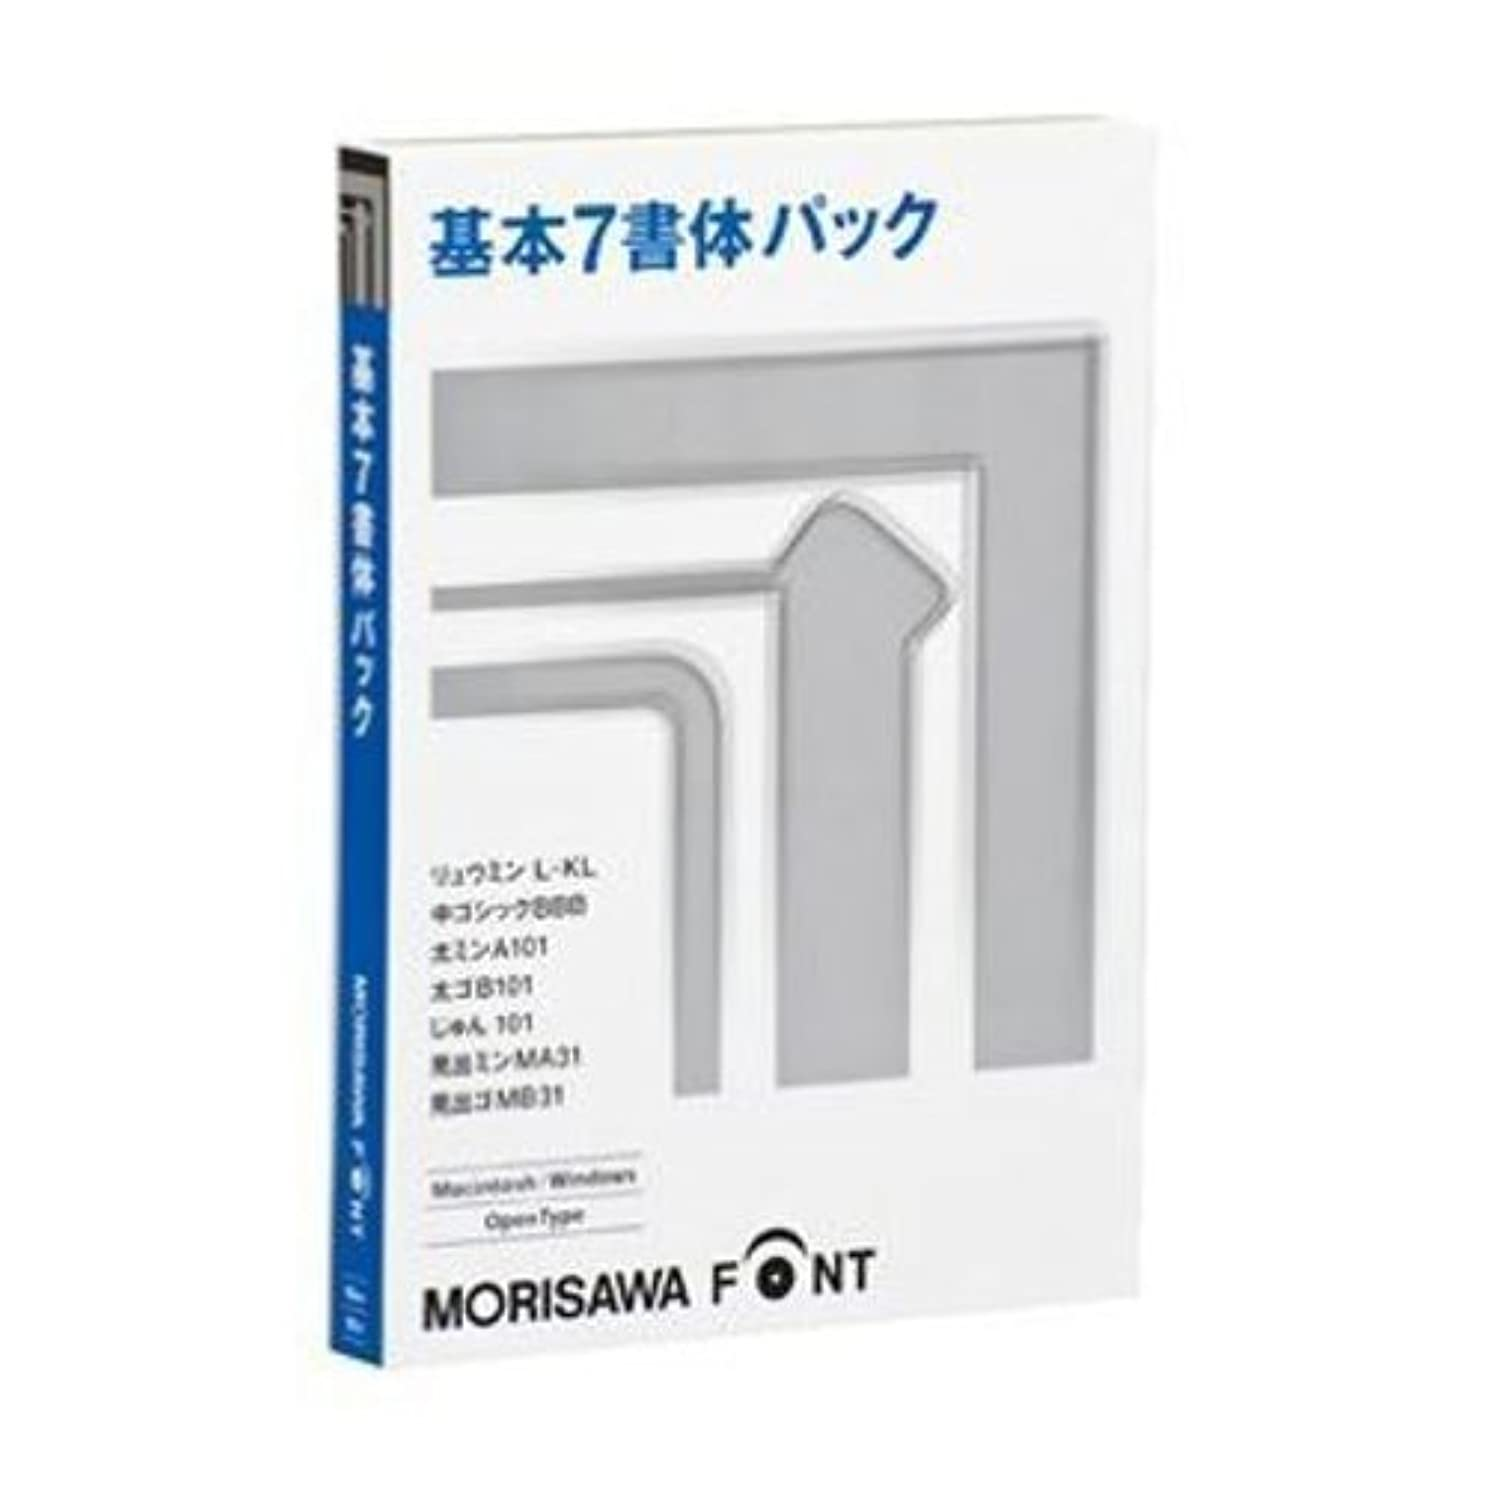 株式イチゴ邪魔MORISAWA Font OpenType 基本7書体パック